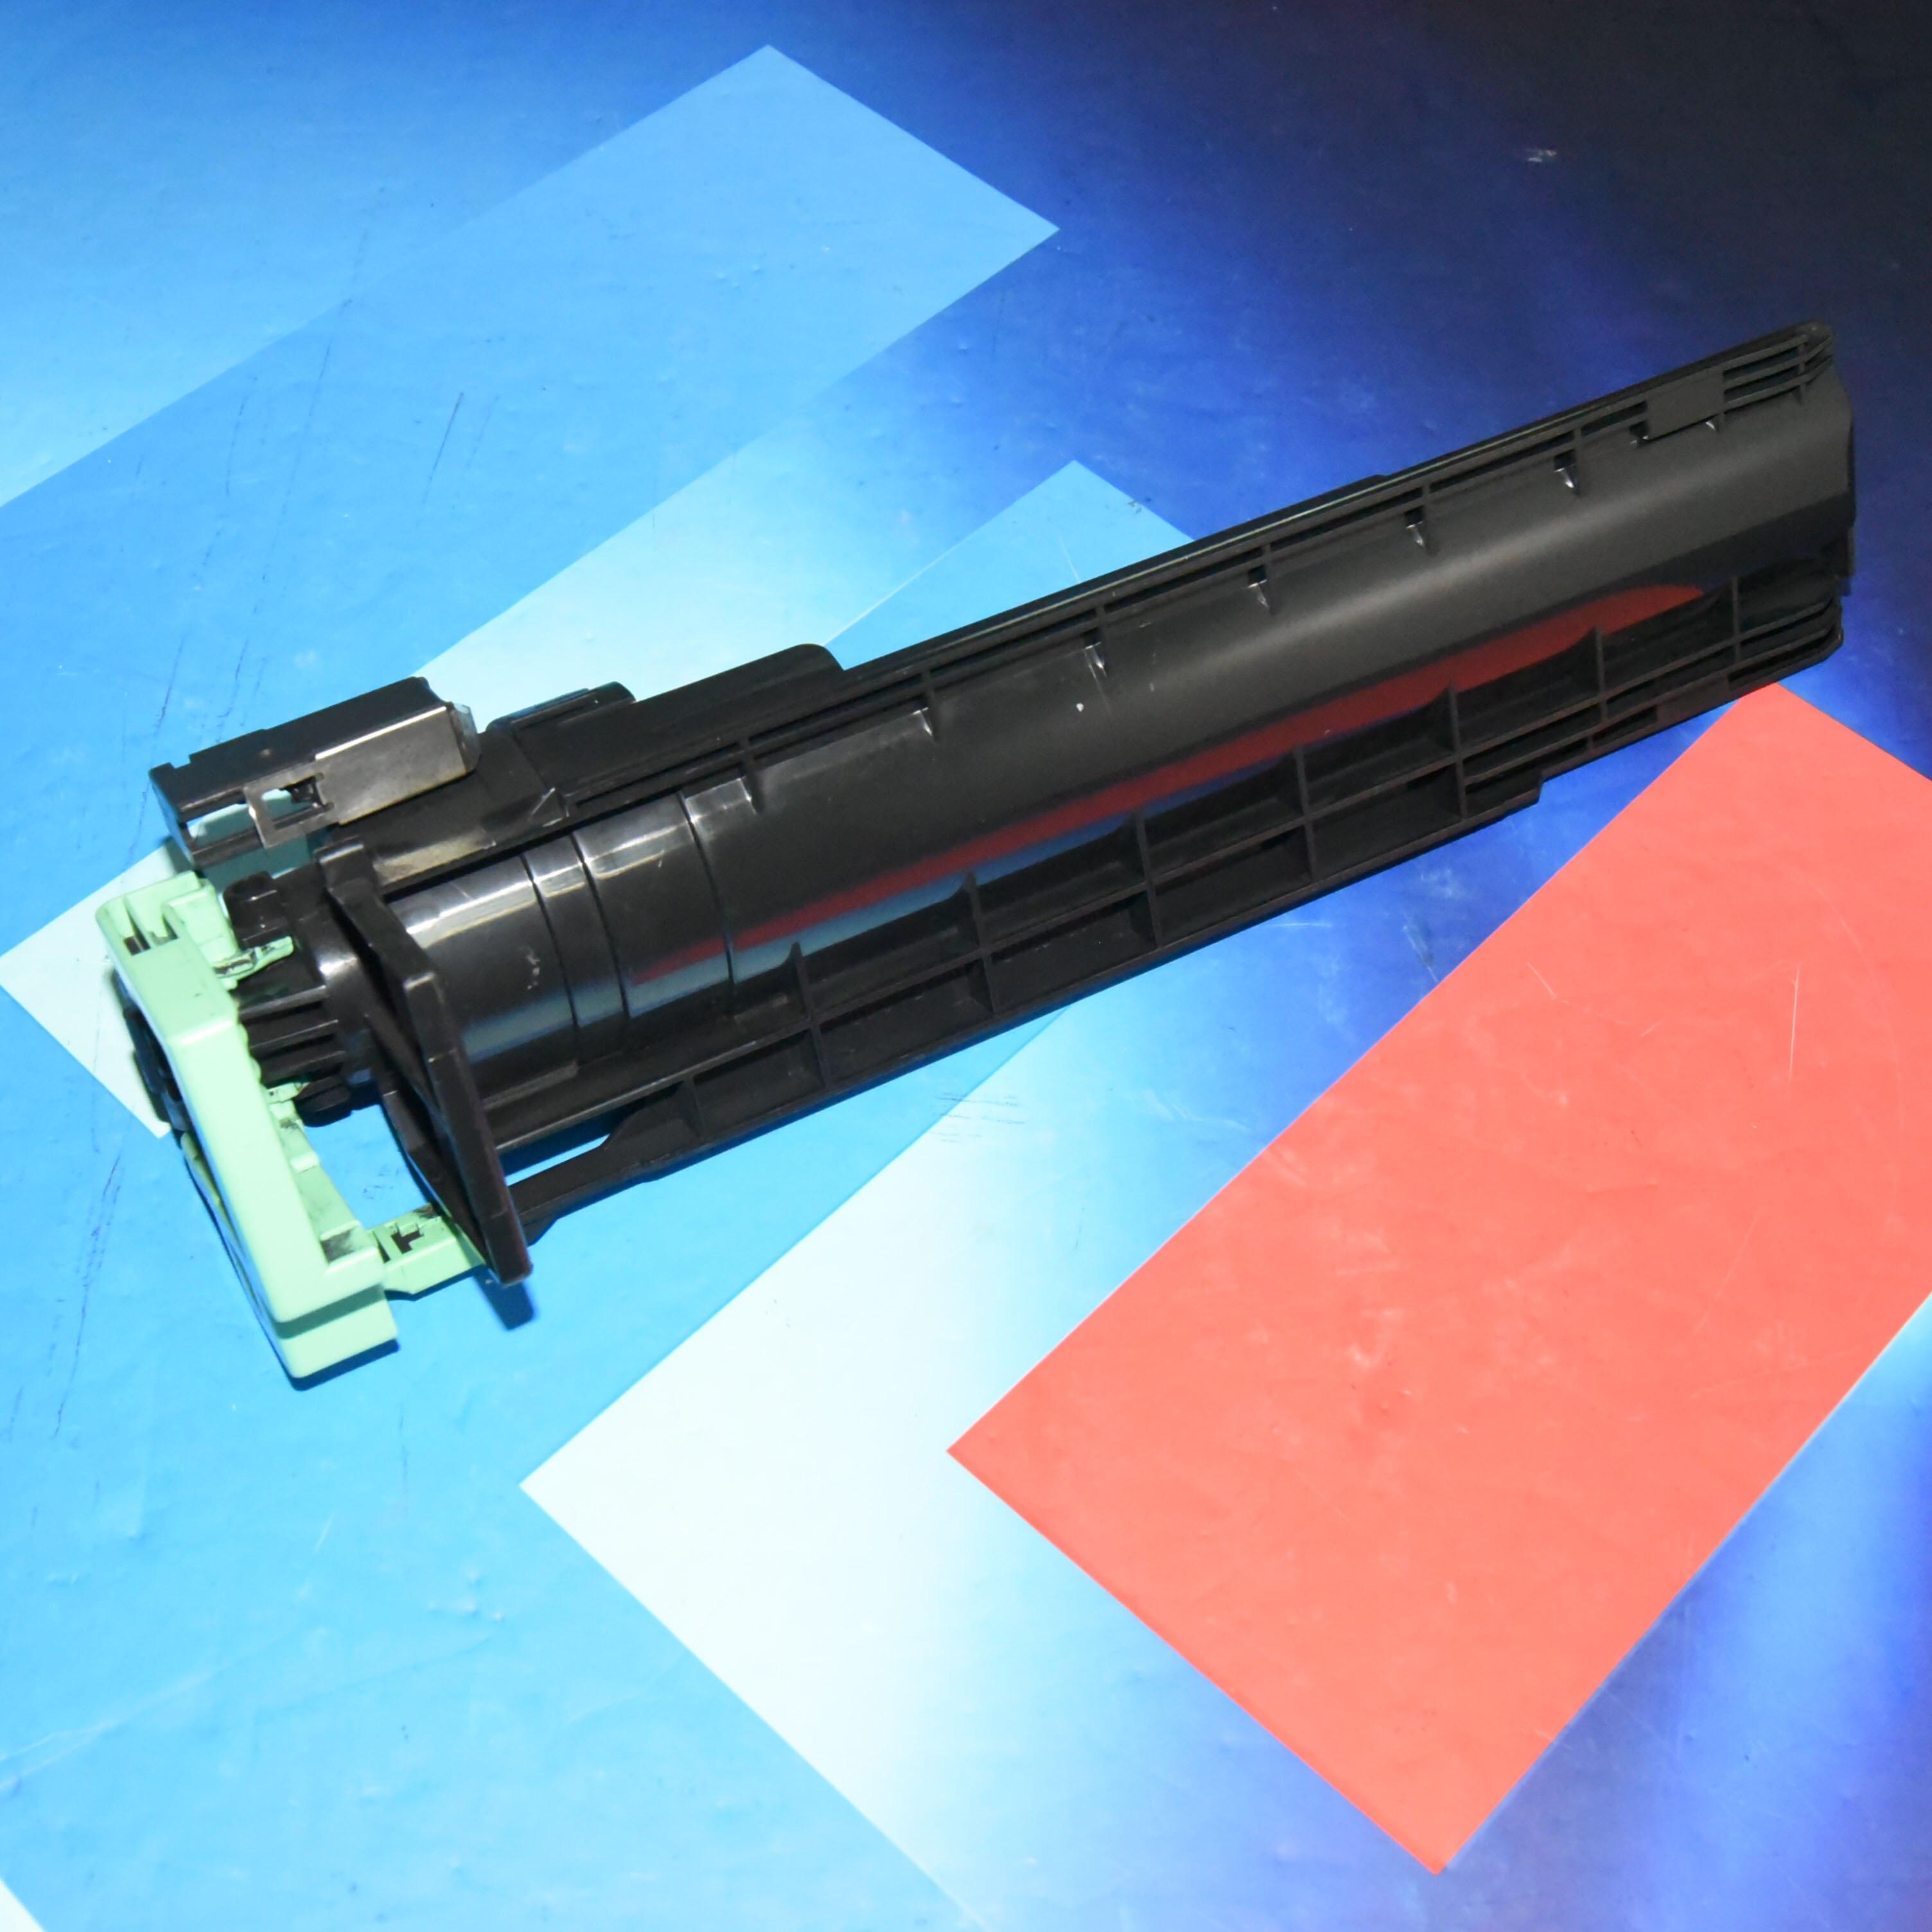 وحدة تزويد الحبر B044-3470 بالوقود لريكو أفيسيو 1013 1515 Mp161 Mp175 DSM 415